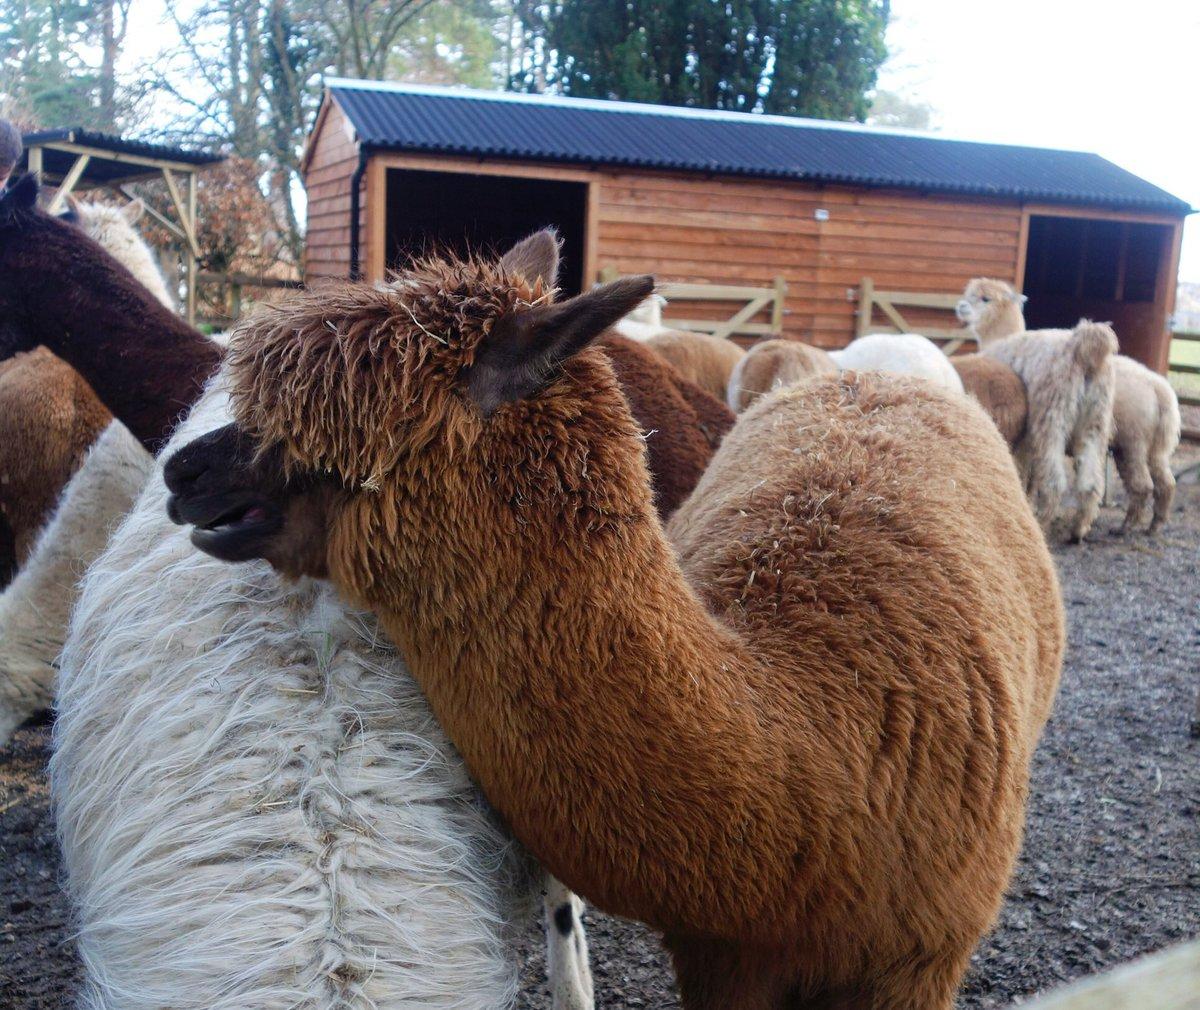 Met alpaca on ma holibobs in Cumbria! They're big !pic.twitter.com/Wt3DFRFewW